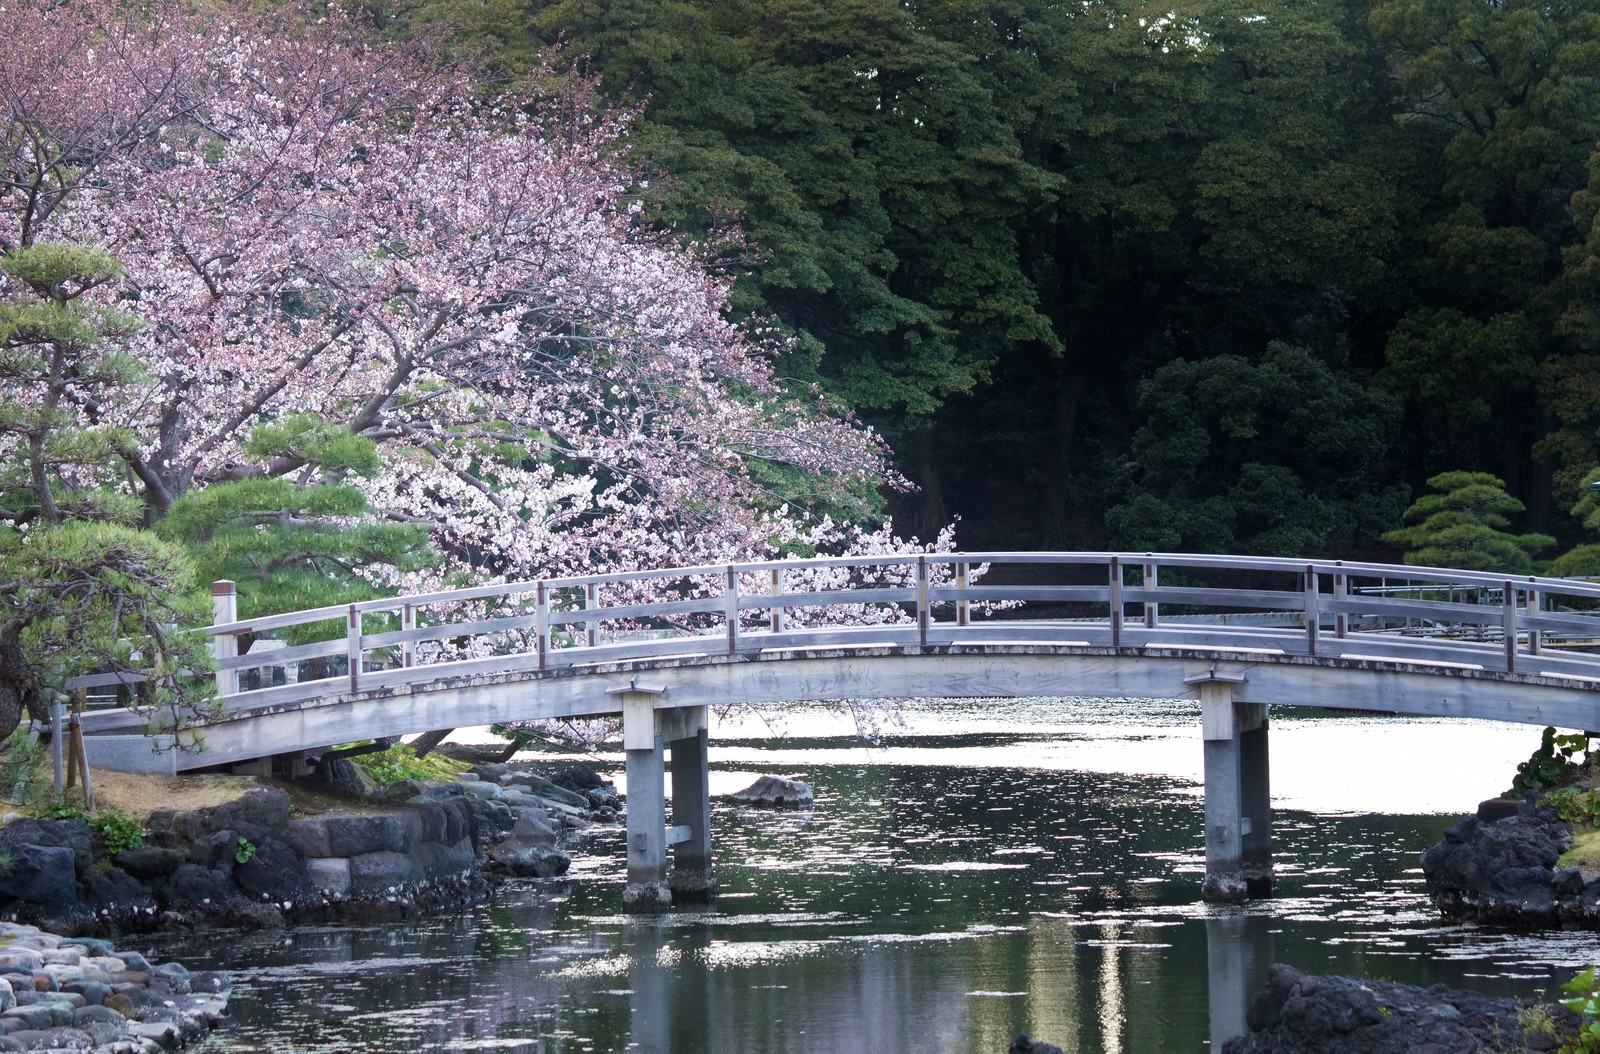 「浜離宮の桜浜離宮の桜」のフリー写真素材を拡大